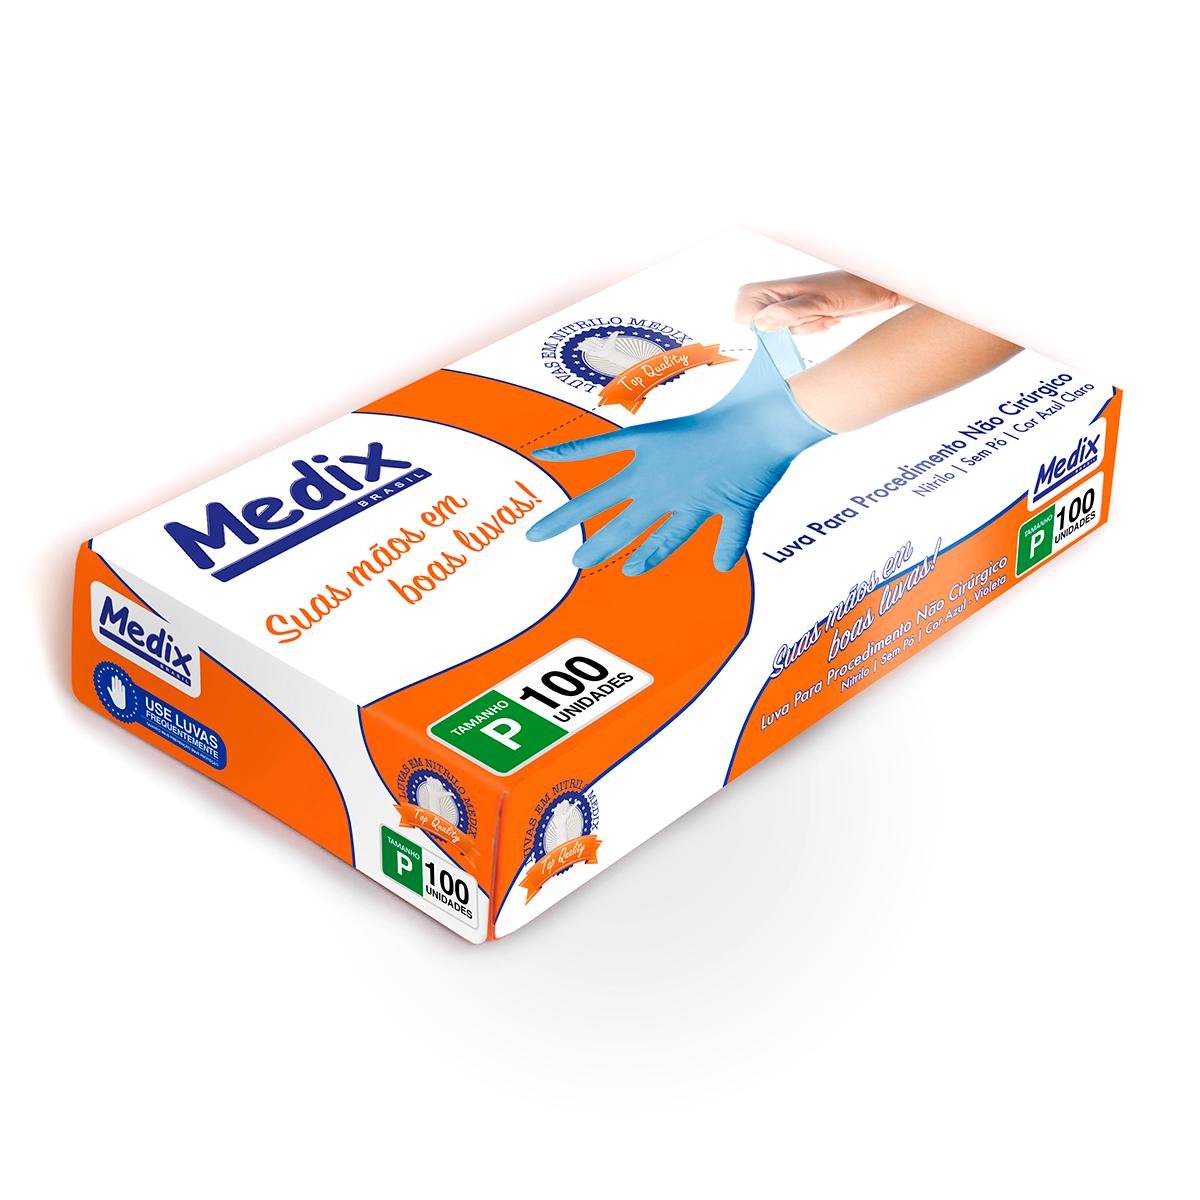 Luva Nitrílica Sem Pó Descartável Para Procedimento Não Cirúrgico Azul - Cx C/ 100Un - Medix